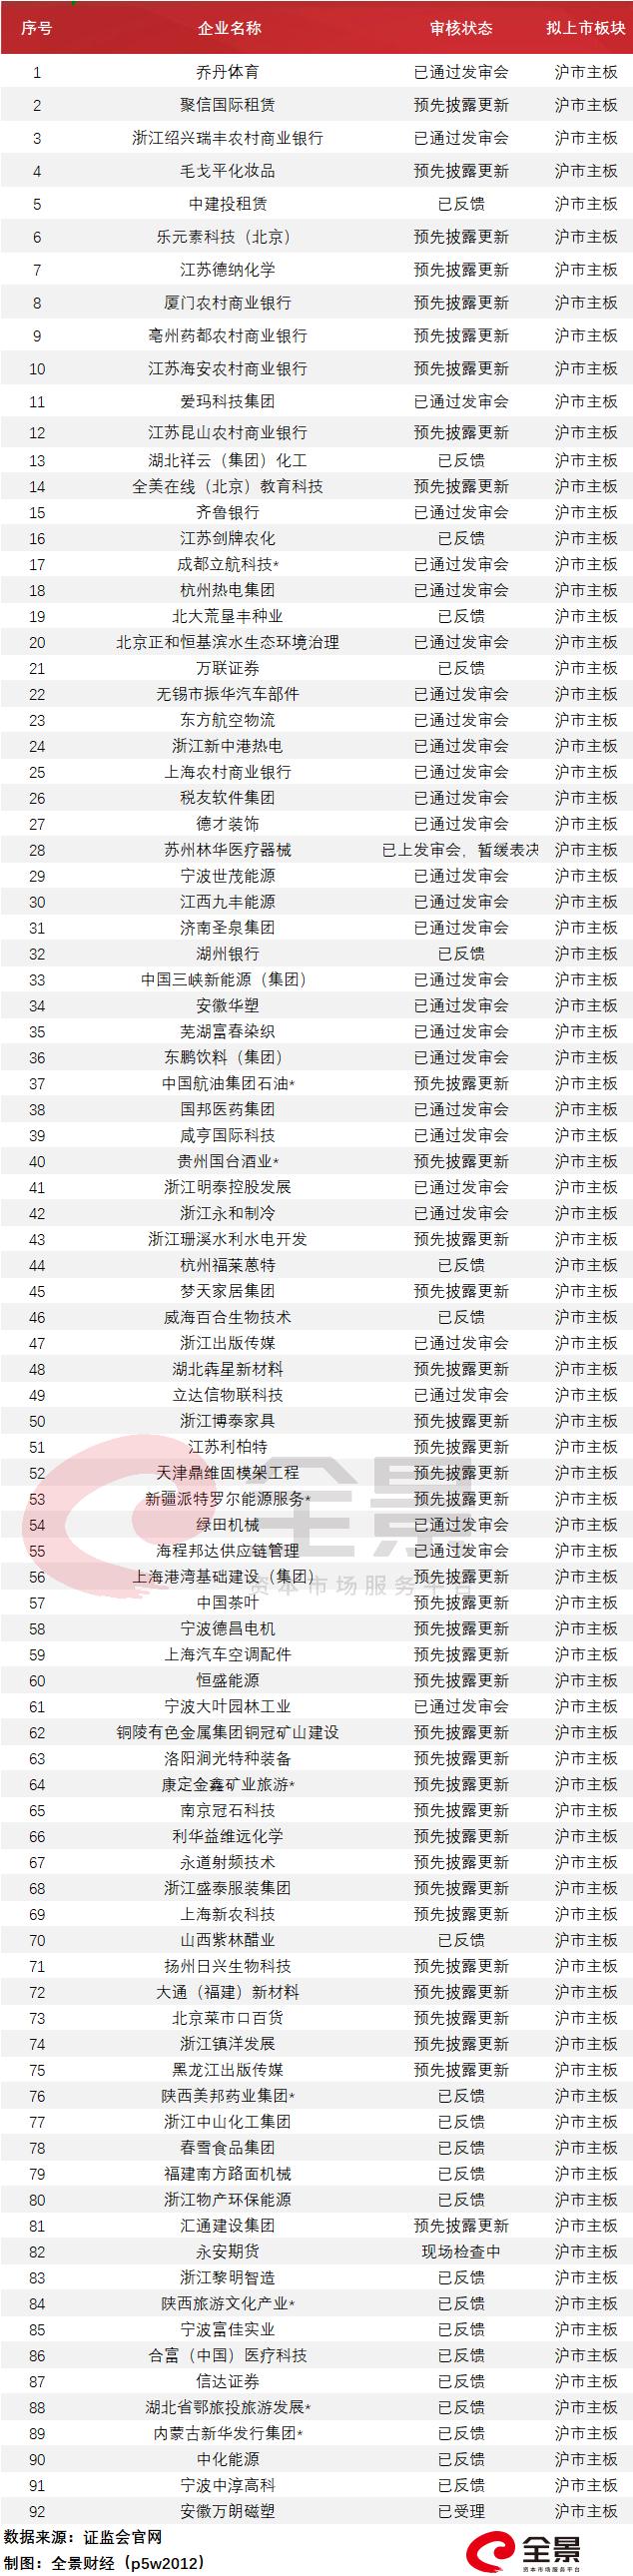 """usdt手续费怎么收(www.payusdt.vip):972家排队A股IPO!八马茶业加入争取""""茶叶第一股""""(附最新IPO排队名单) 第10张"""